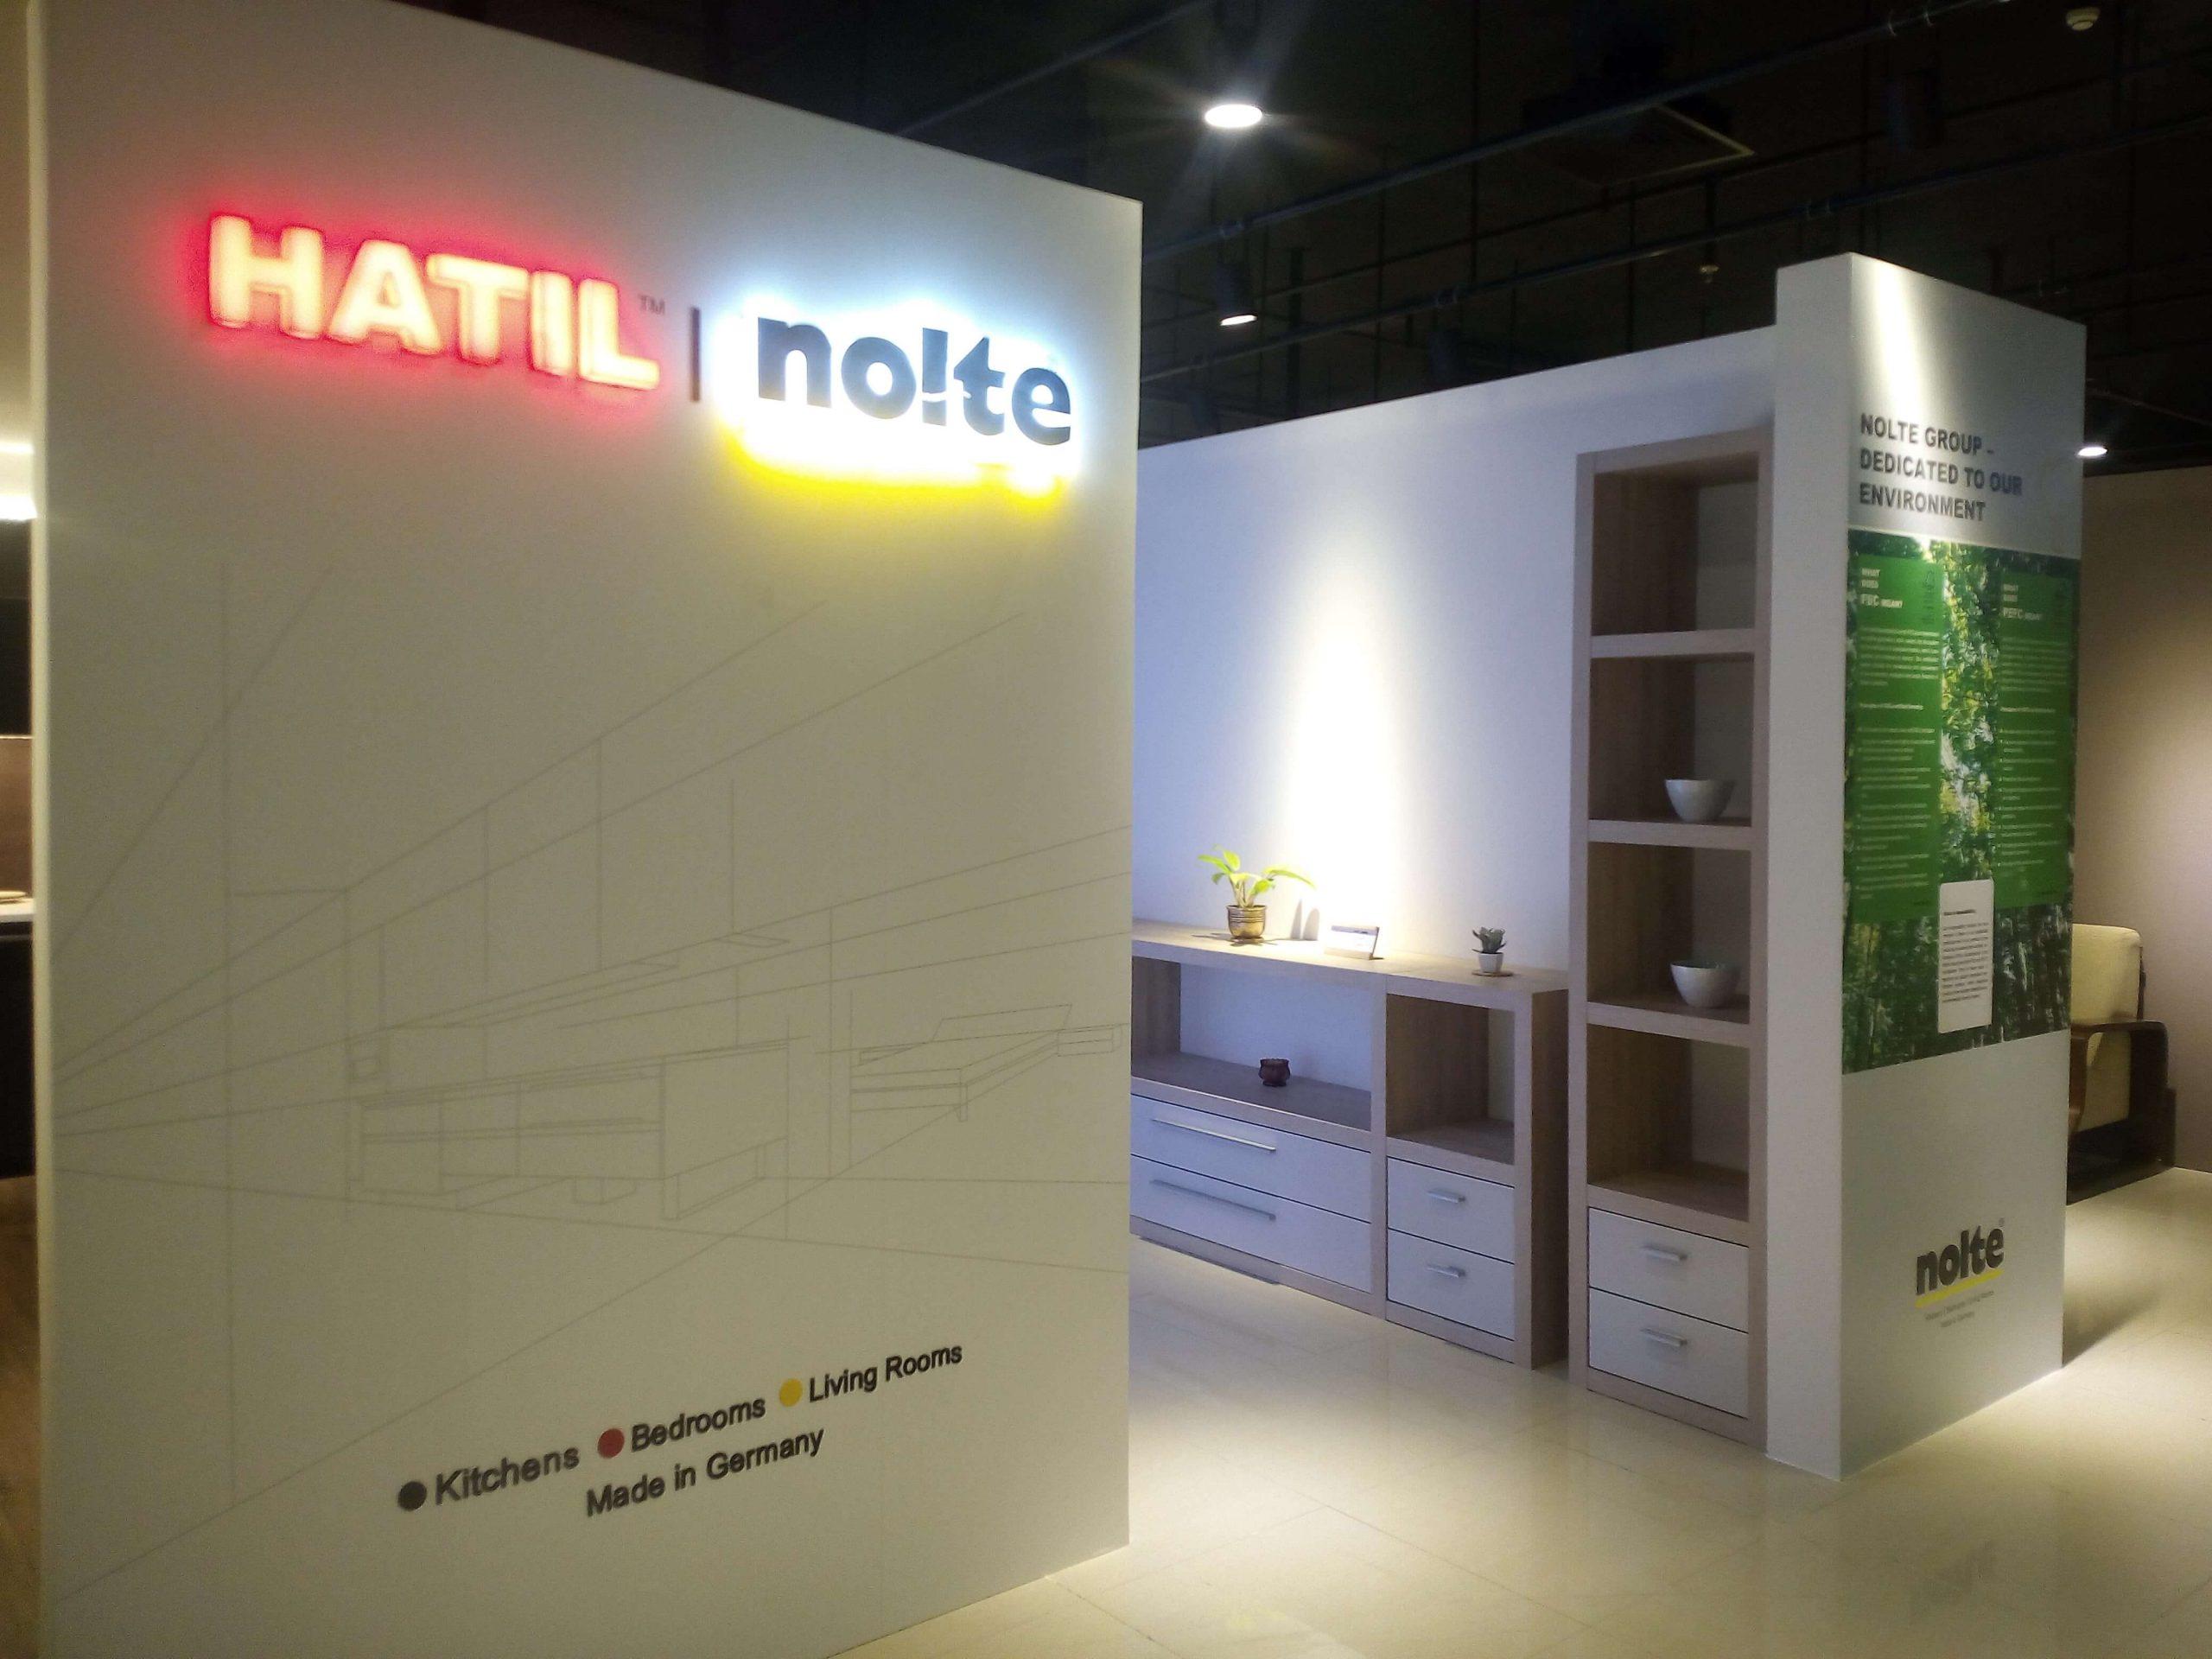 DTC-Portfolio-Retail-Store-HATIL-Nolte-12